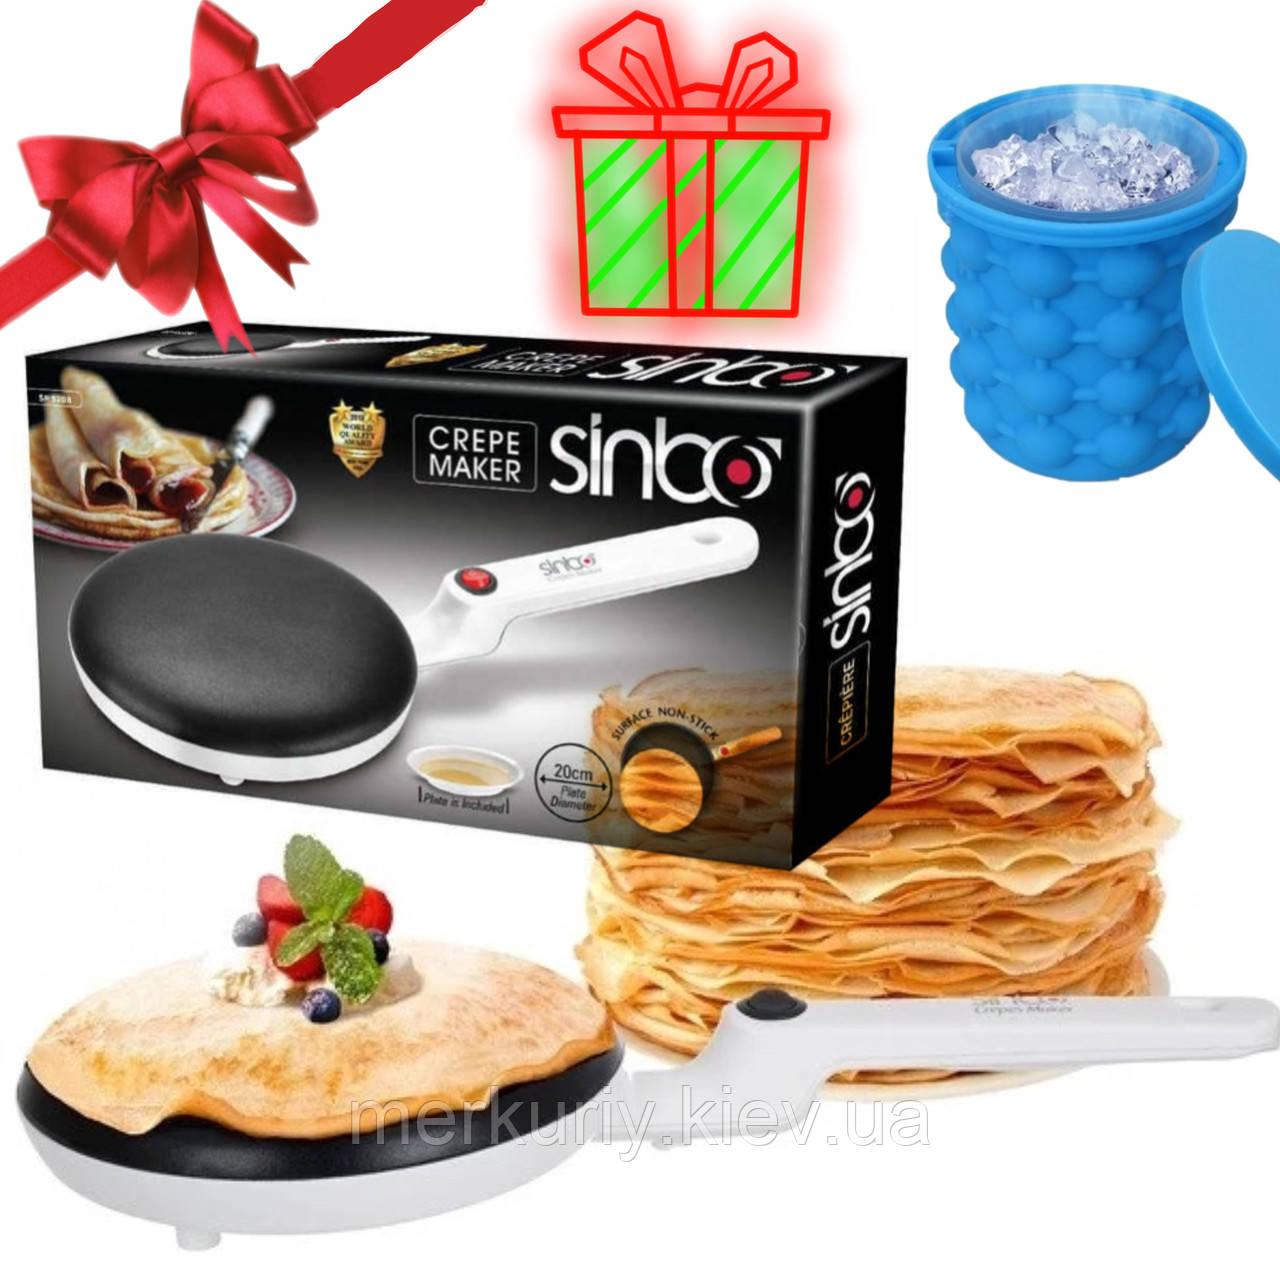 Електрична сковорода блінна скоровідка млинниця від розетки SINBO 5208 сковорода для млинців CREPE MAKER 20 см